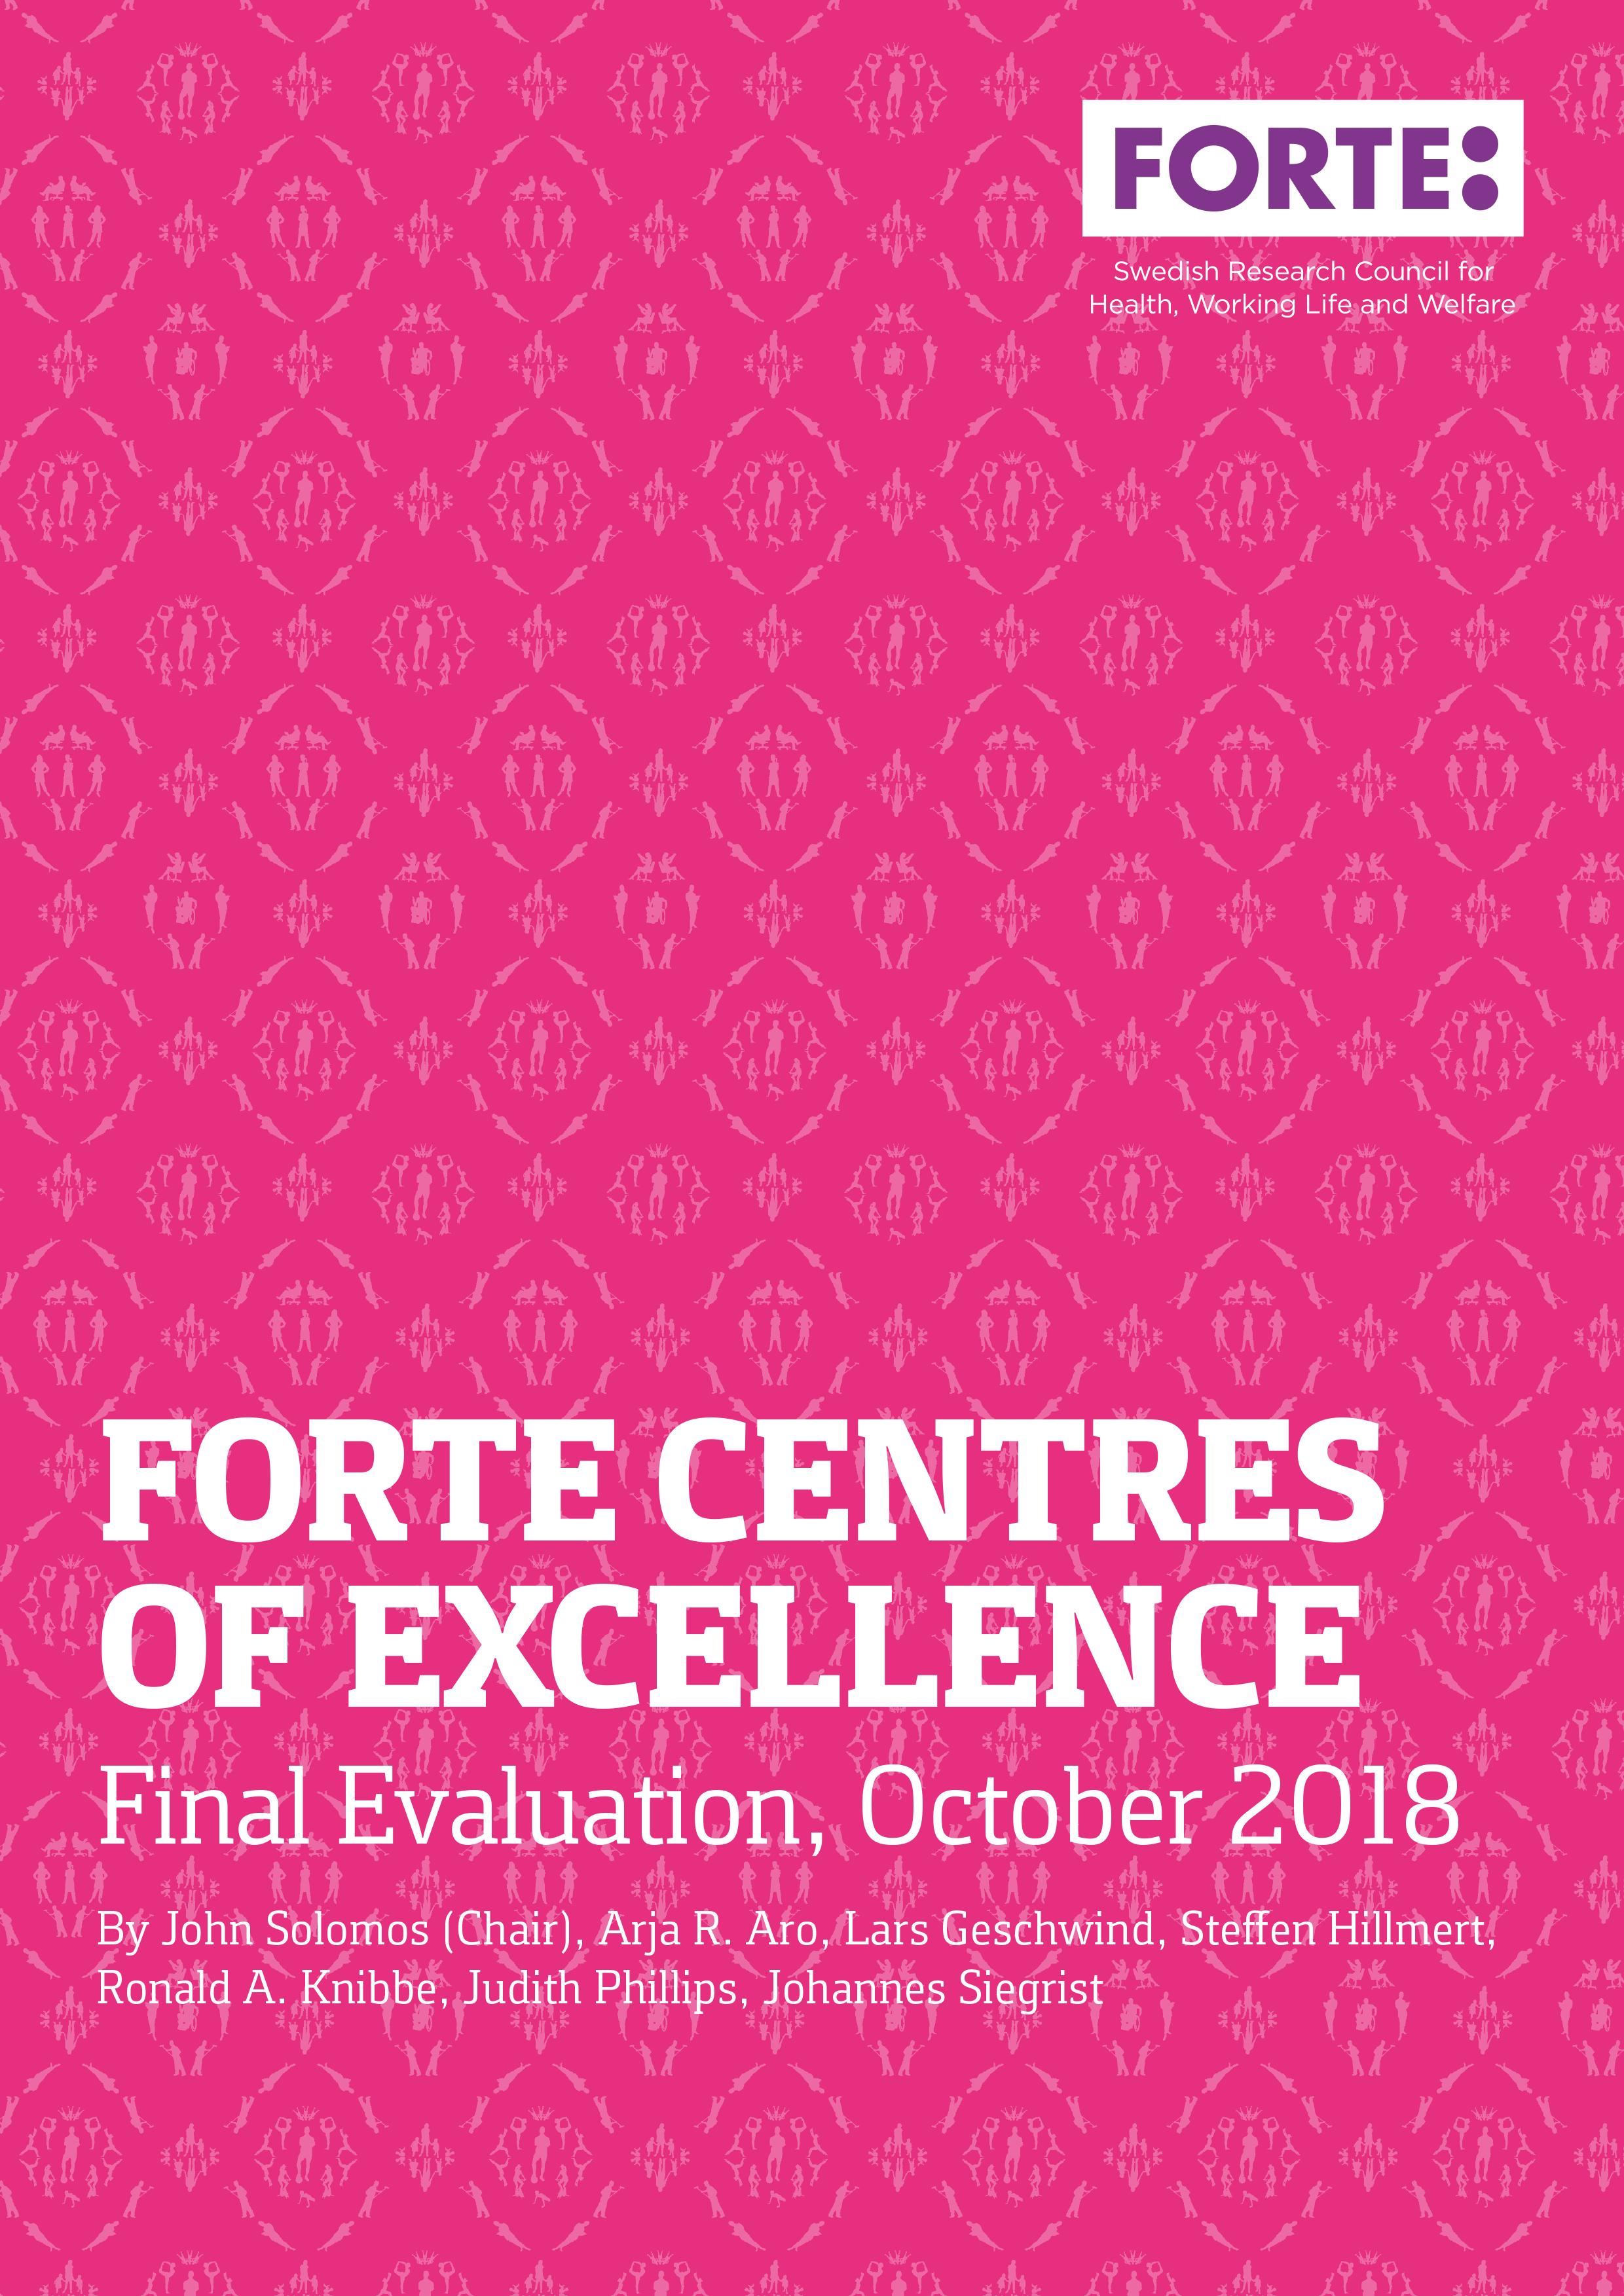 Slututvärdering av Forte-centra